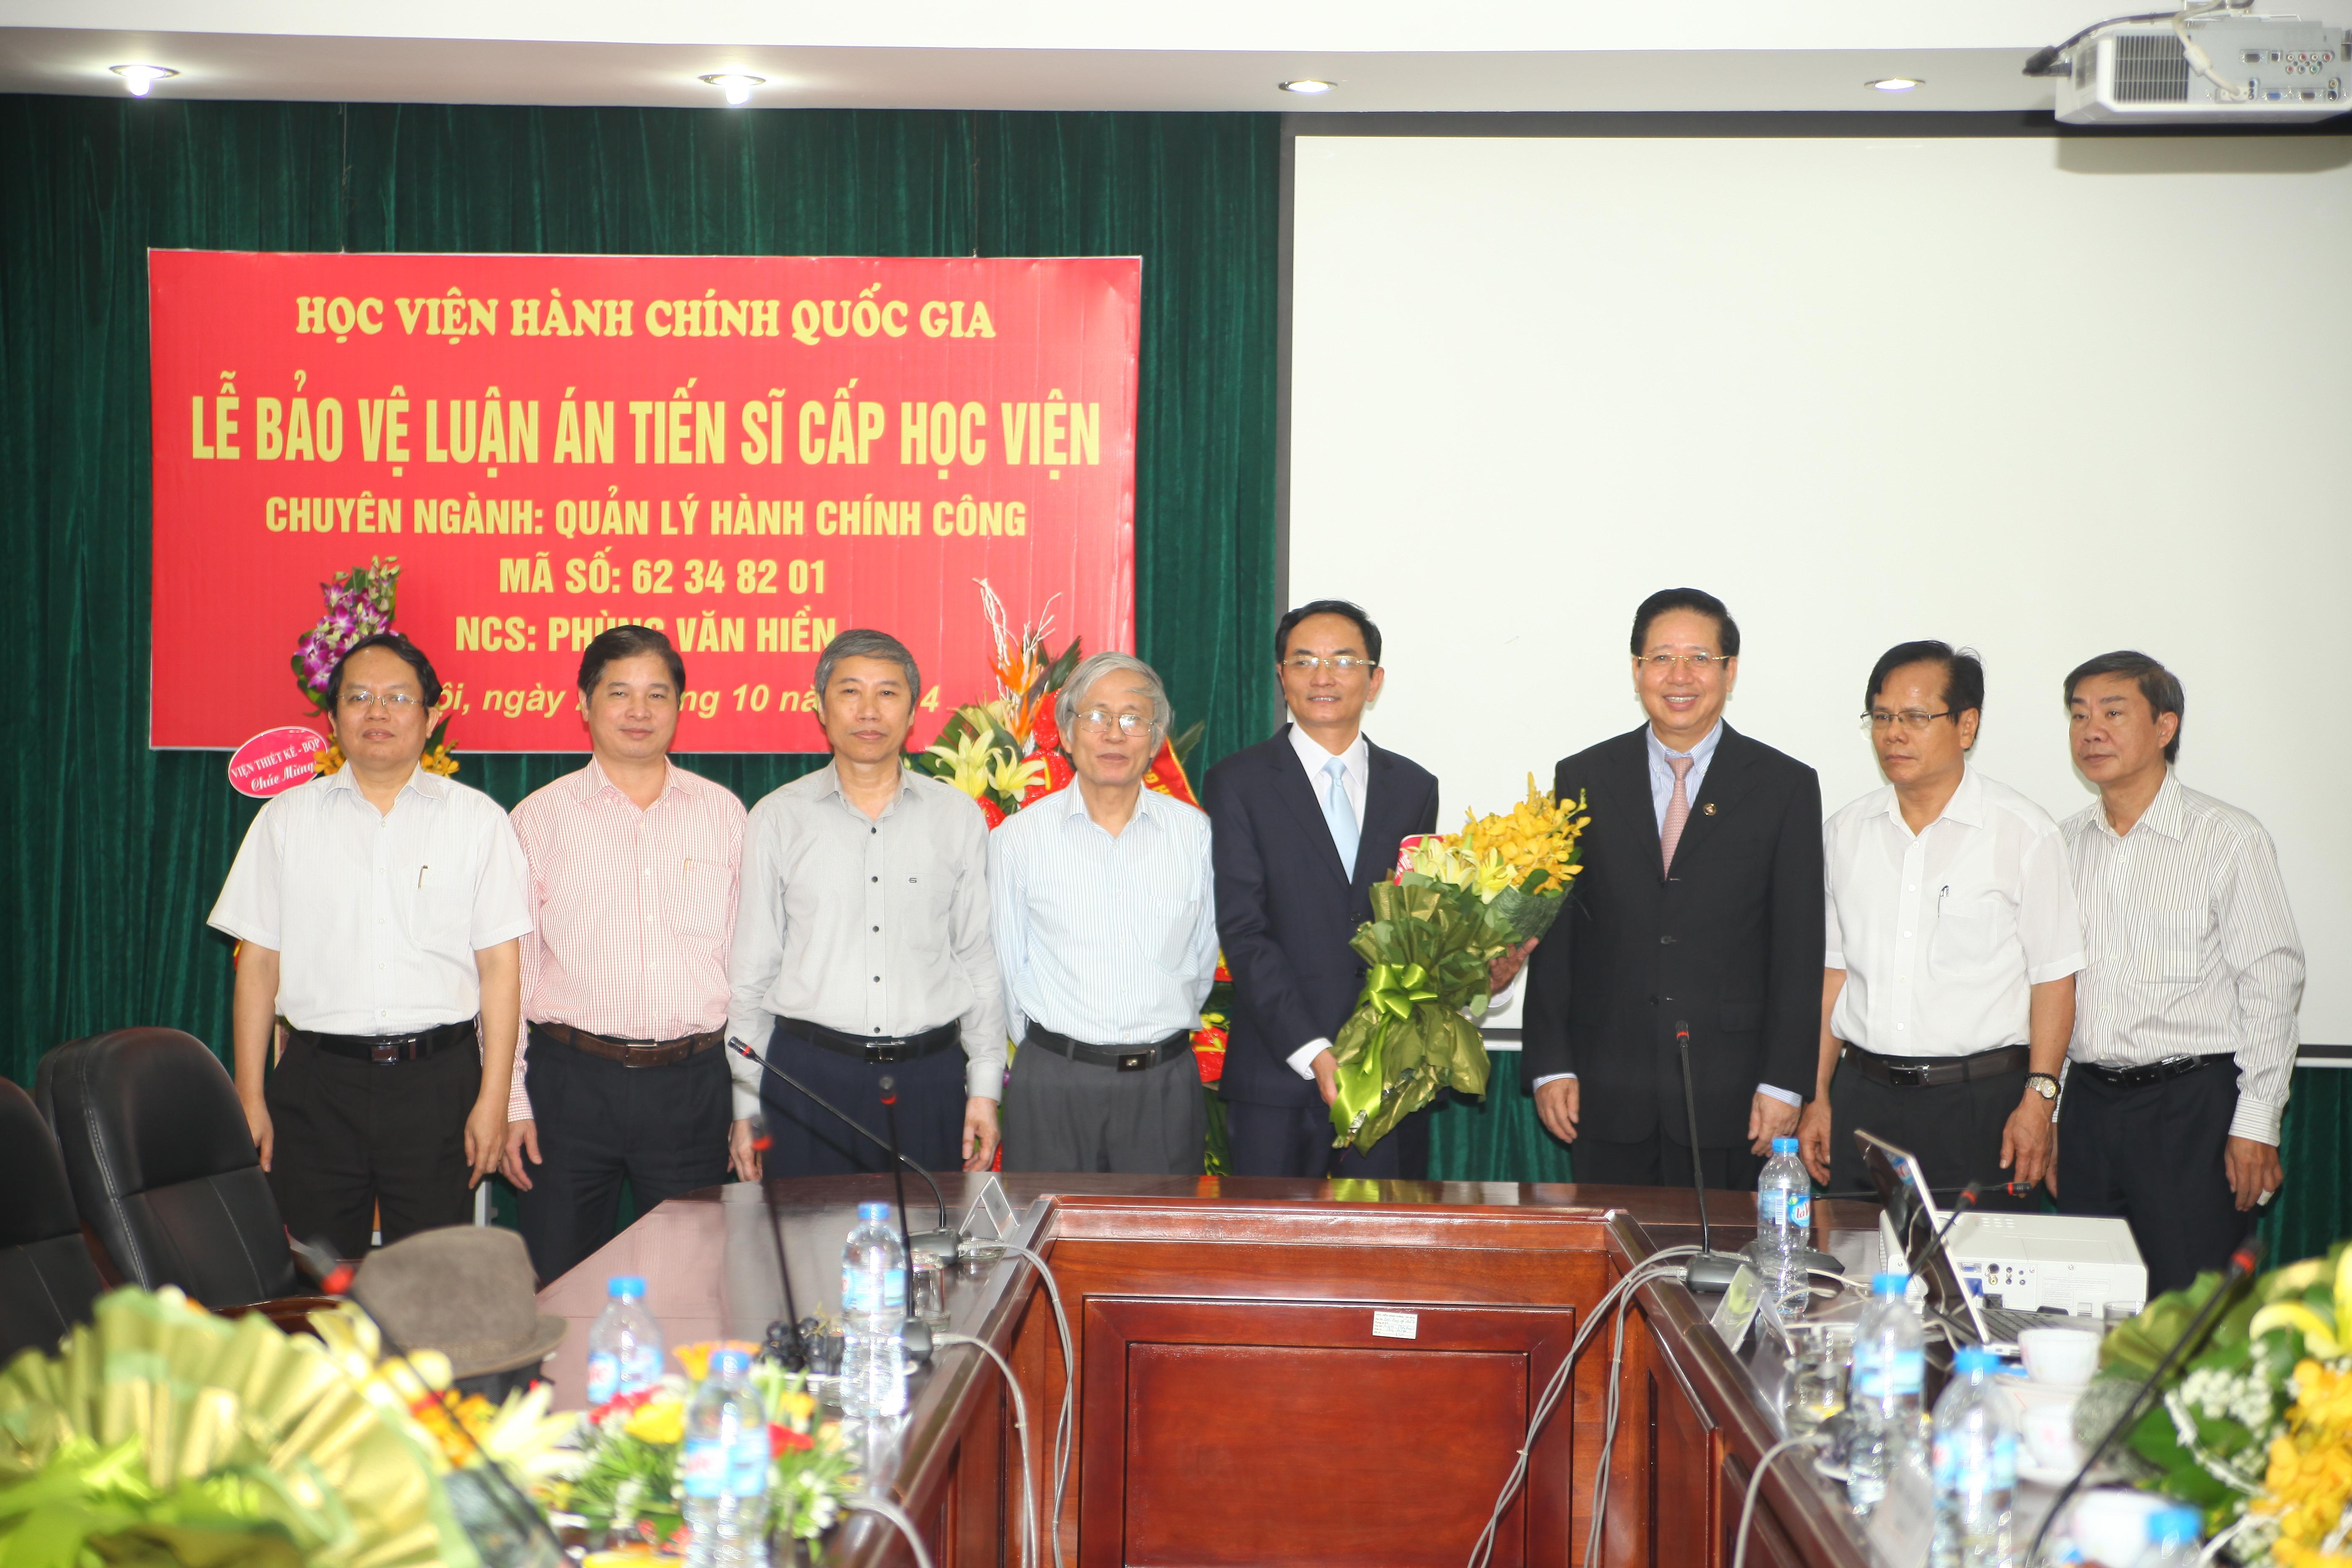 Phung Van Hien 5